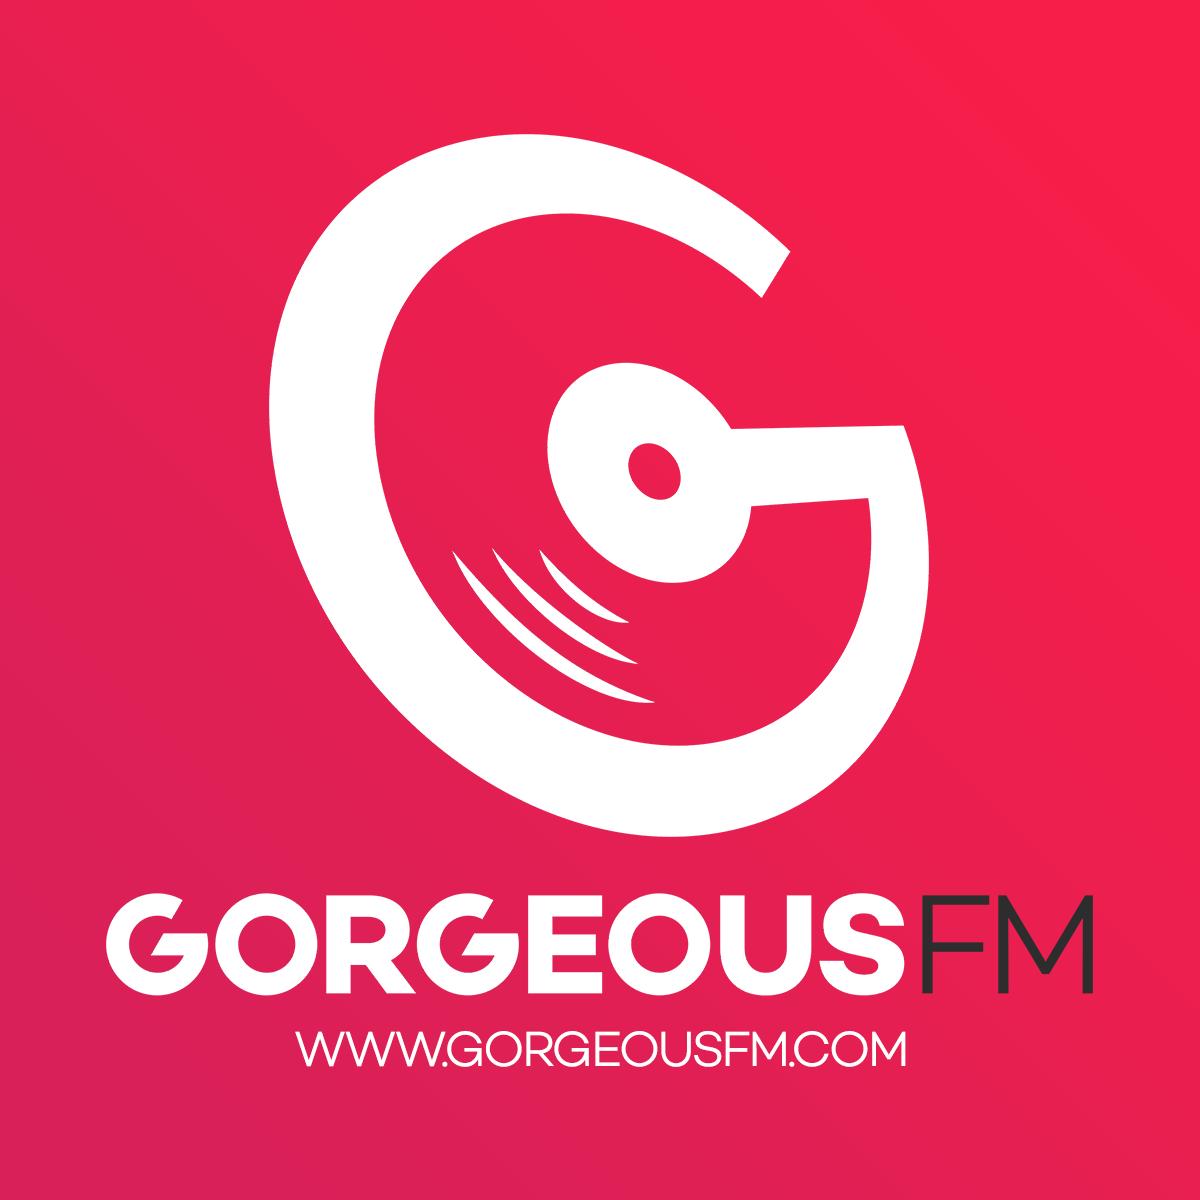 Gorgeous FM